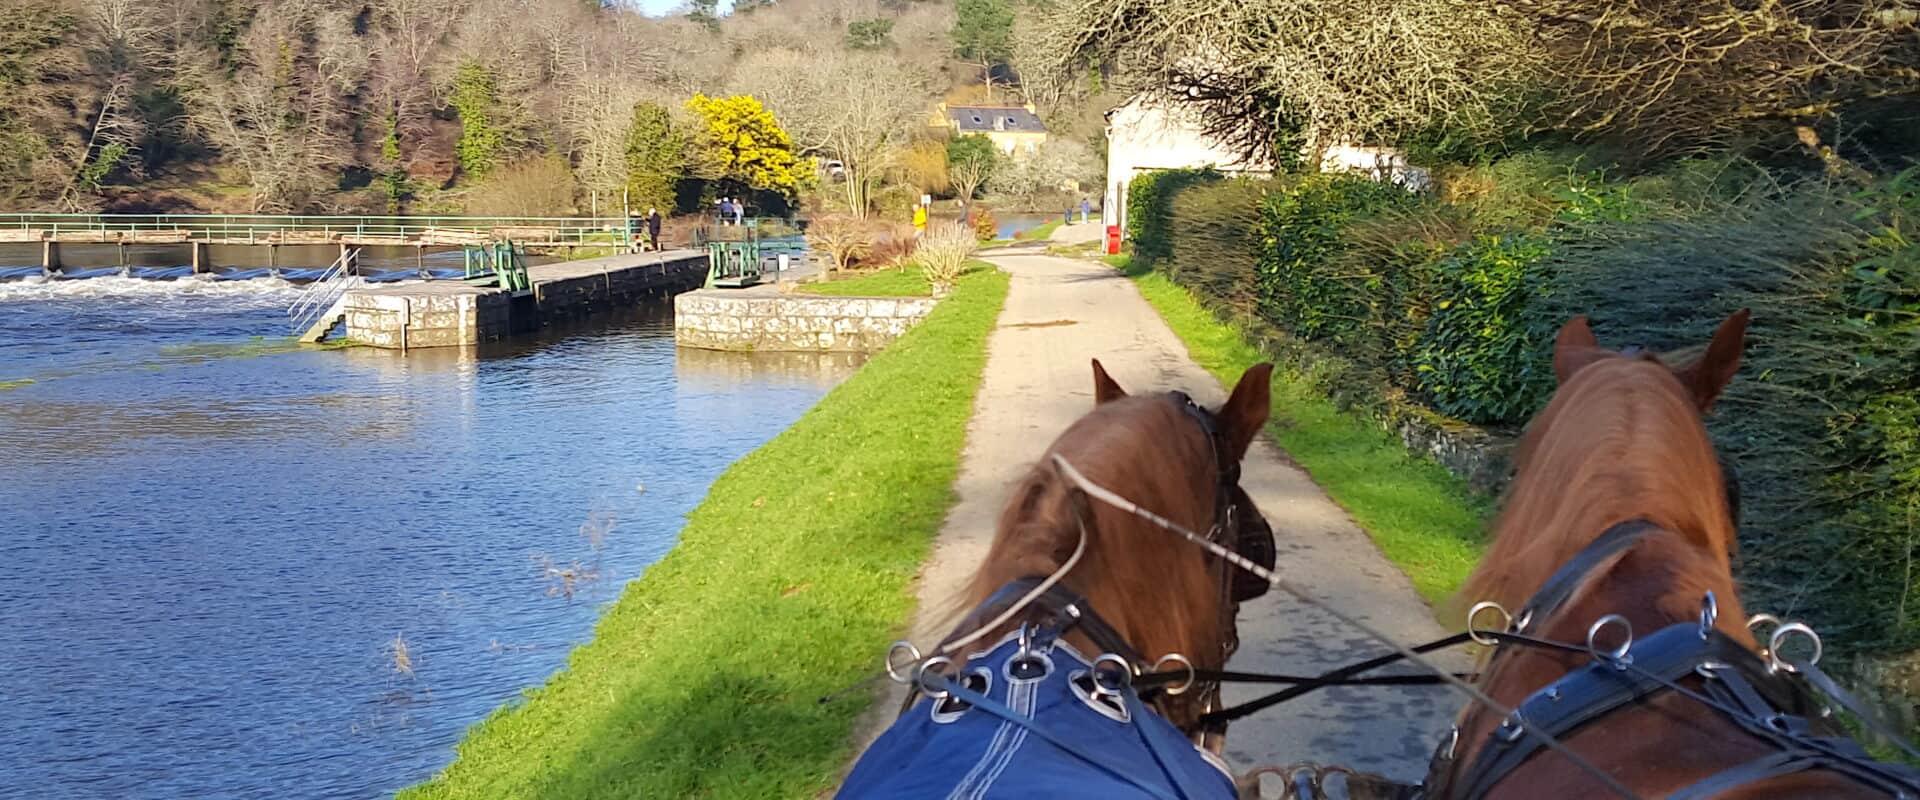 Balade à cheval à Deauville en calèche